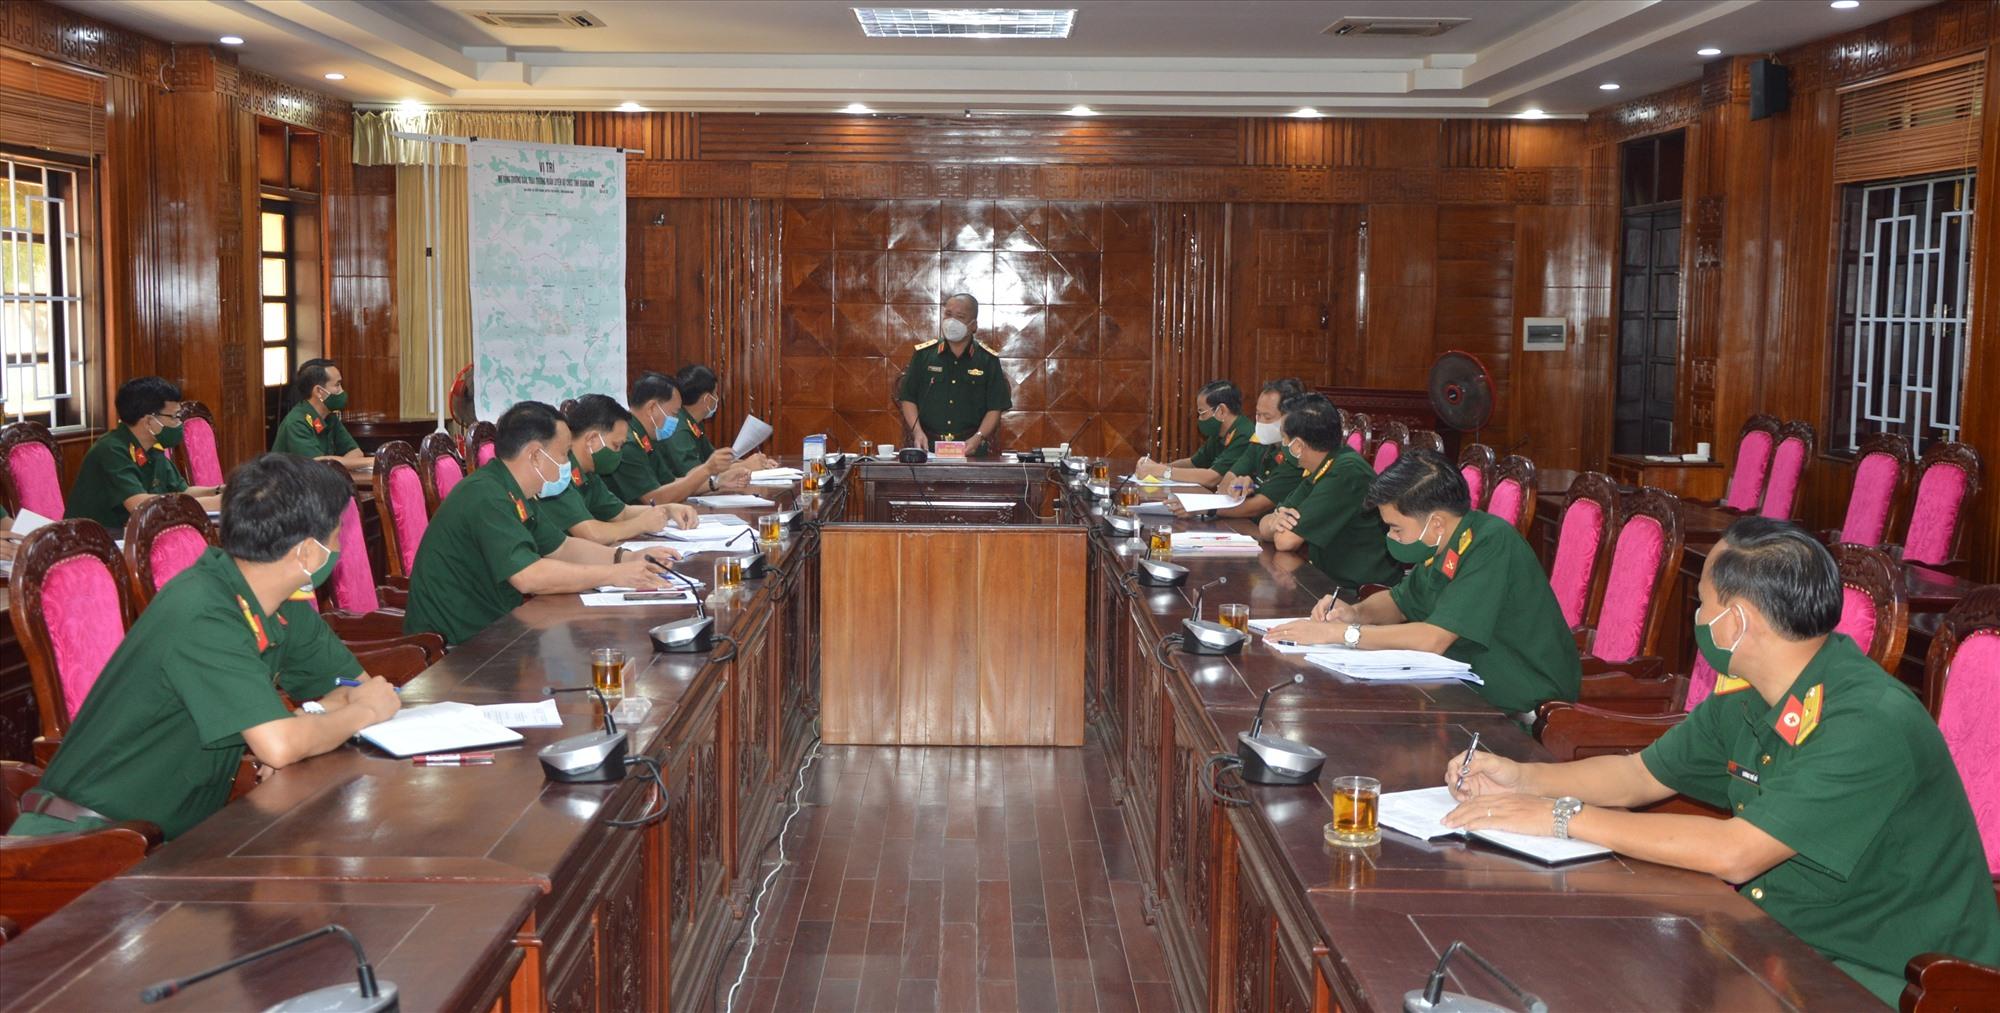 Quang cảnh buổi kiểm tra công tác phòng, chống dịch Covid -19 tại Bộ CHQS tỉnh Quảng Nam.